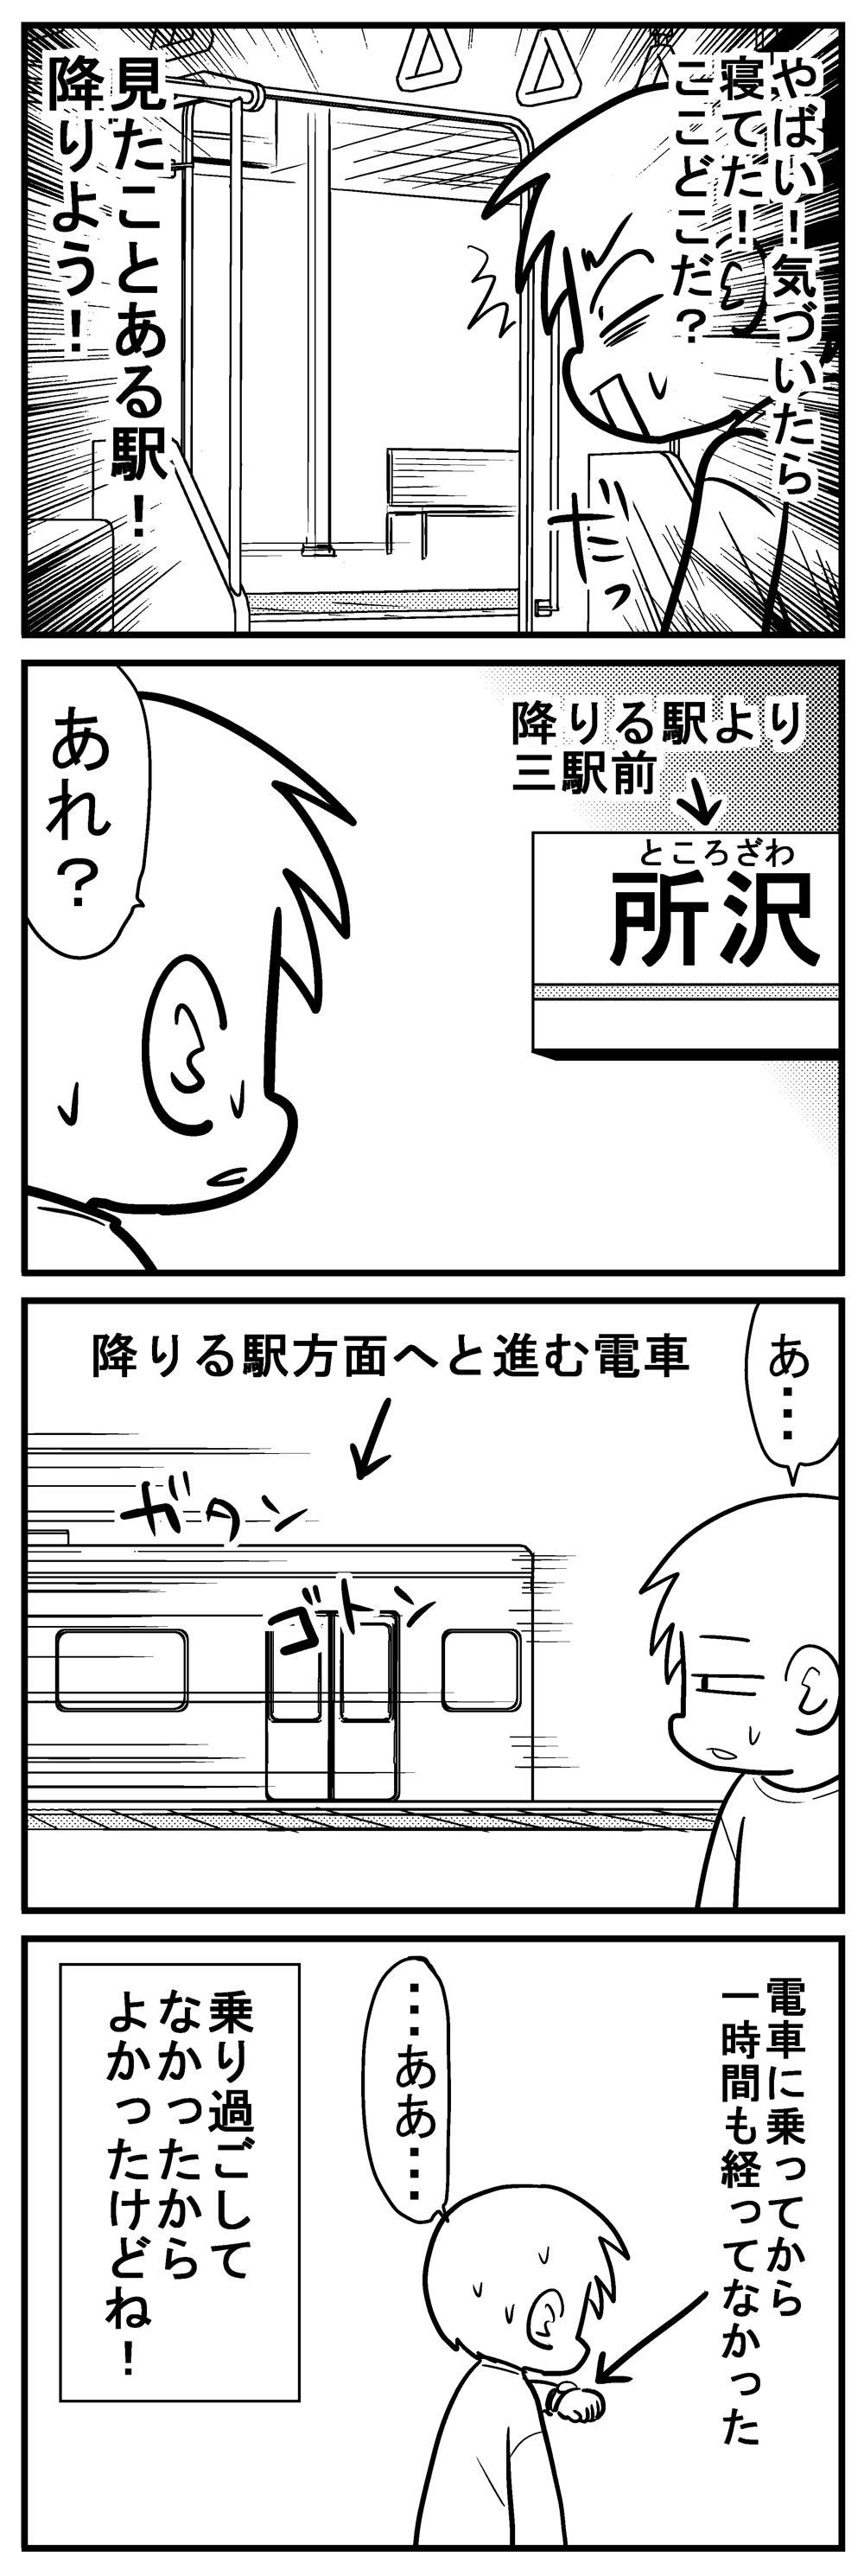 深読みくん117 4